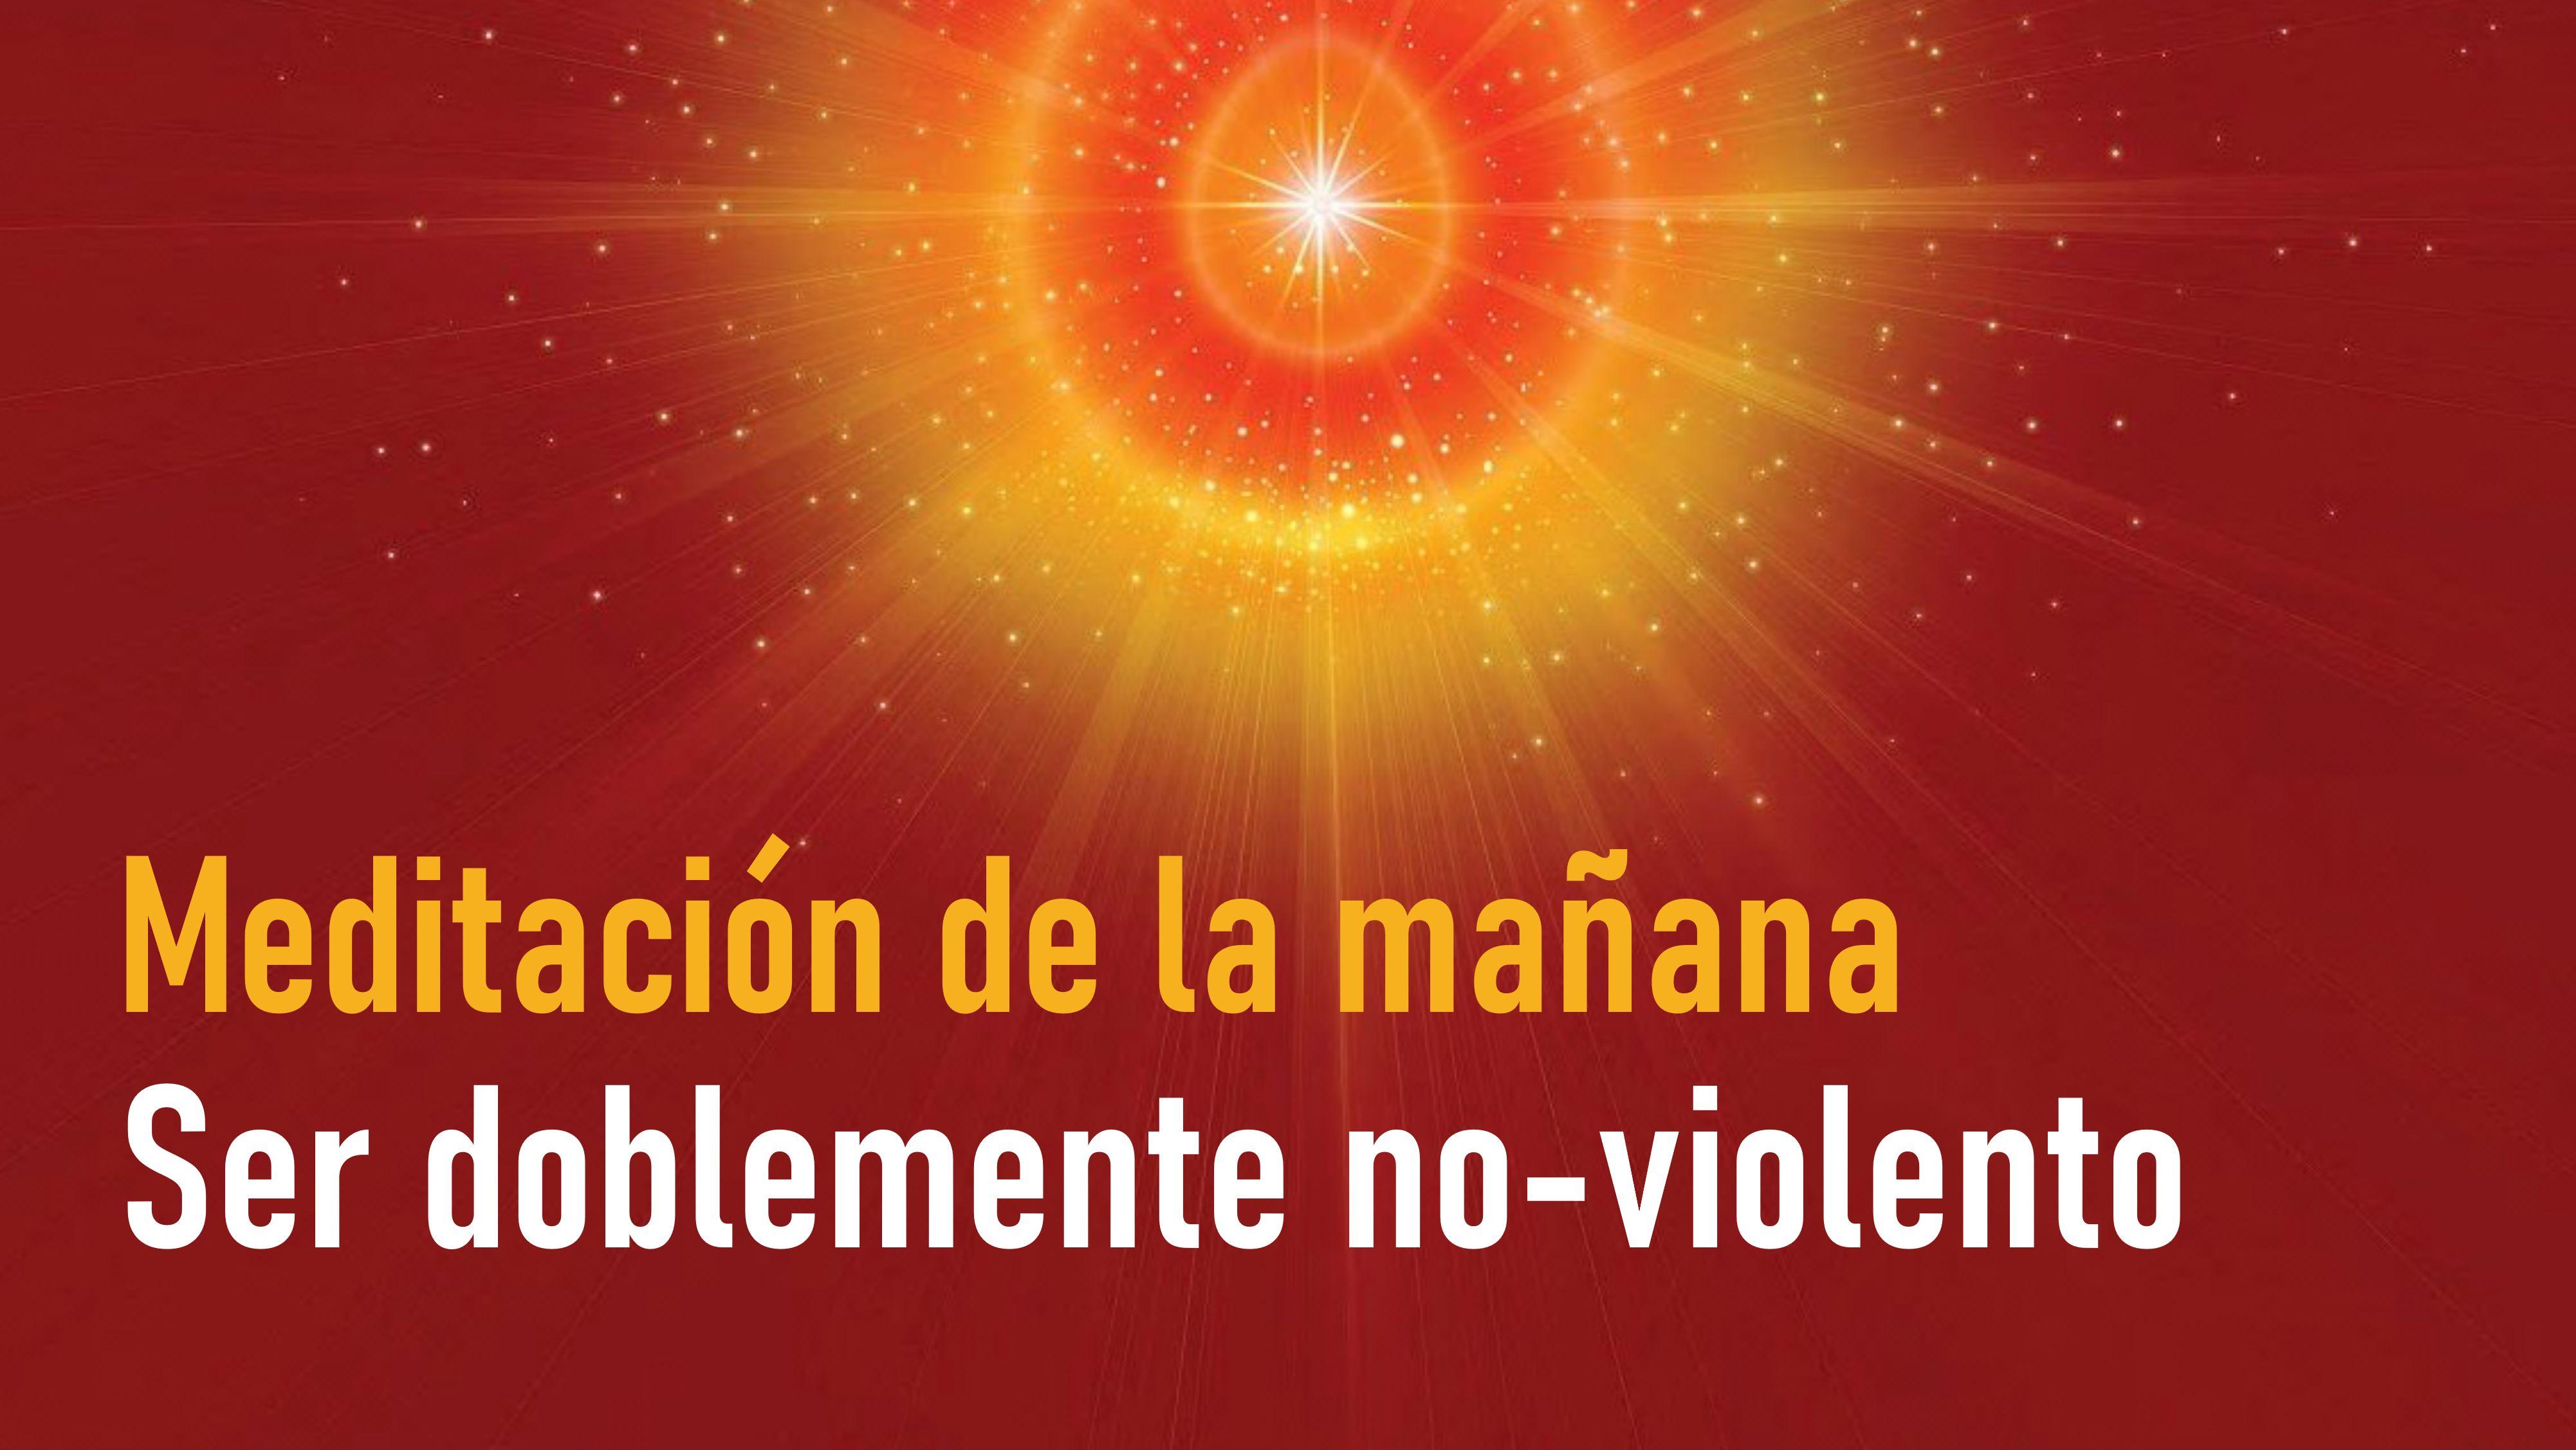 Meditación de la mañana: Ser doblemente no-violentos (12 Septiembre 2020)